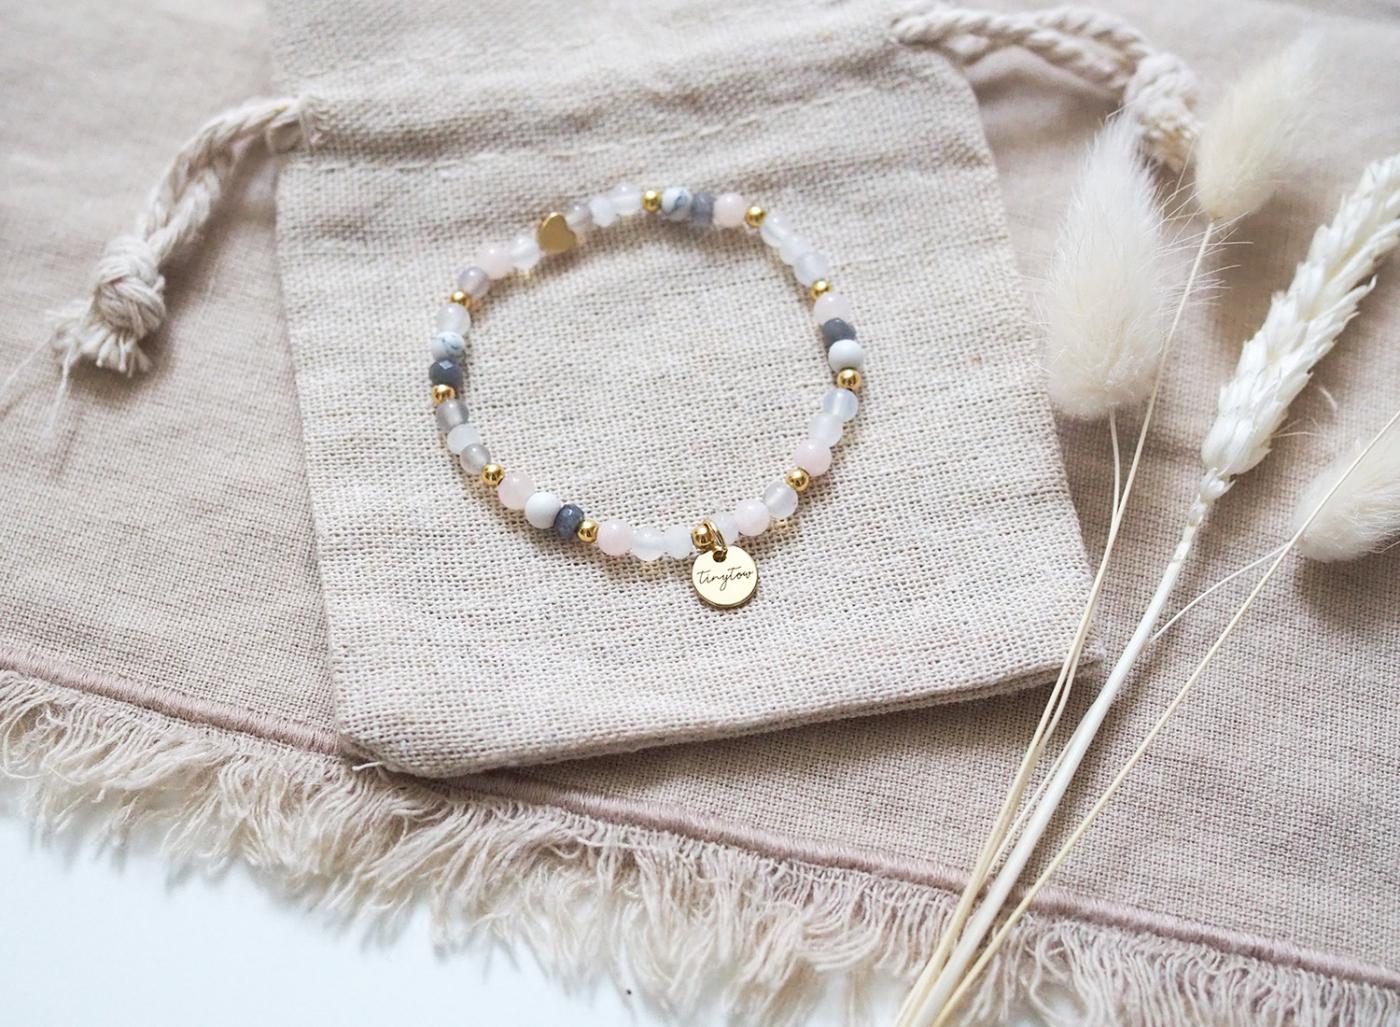 Perlenarmband aus Edelsteinen und Natursteinen mit goldenem Herz und Perlen aus Jade, Mondstein und 14 Karat Gold.